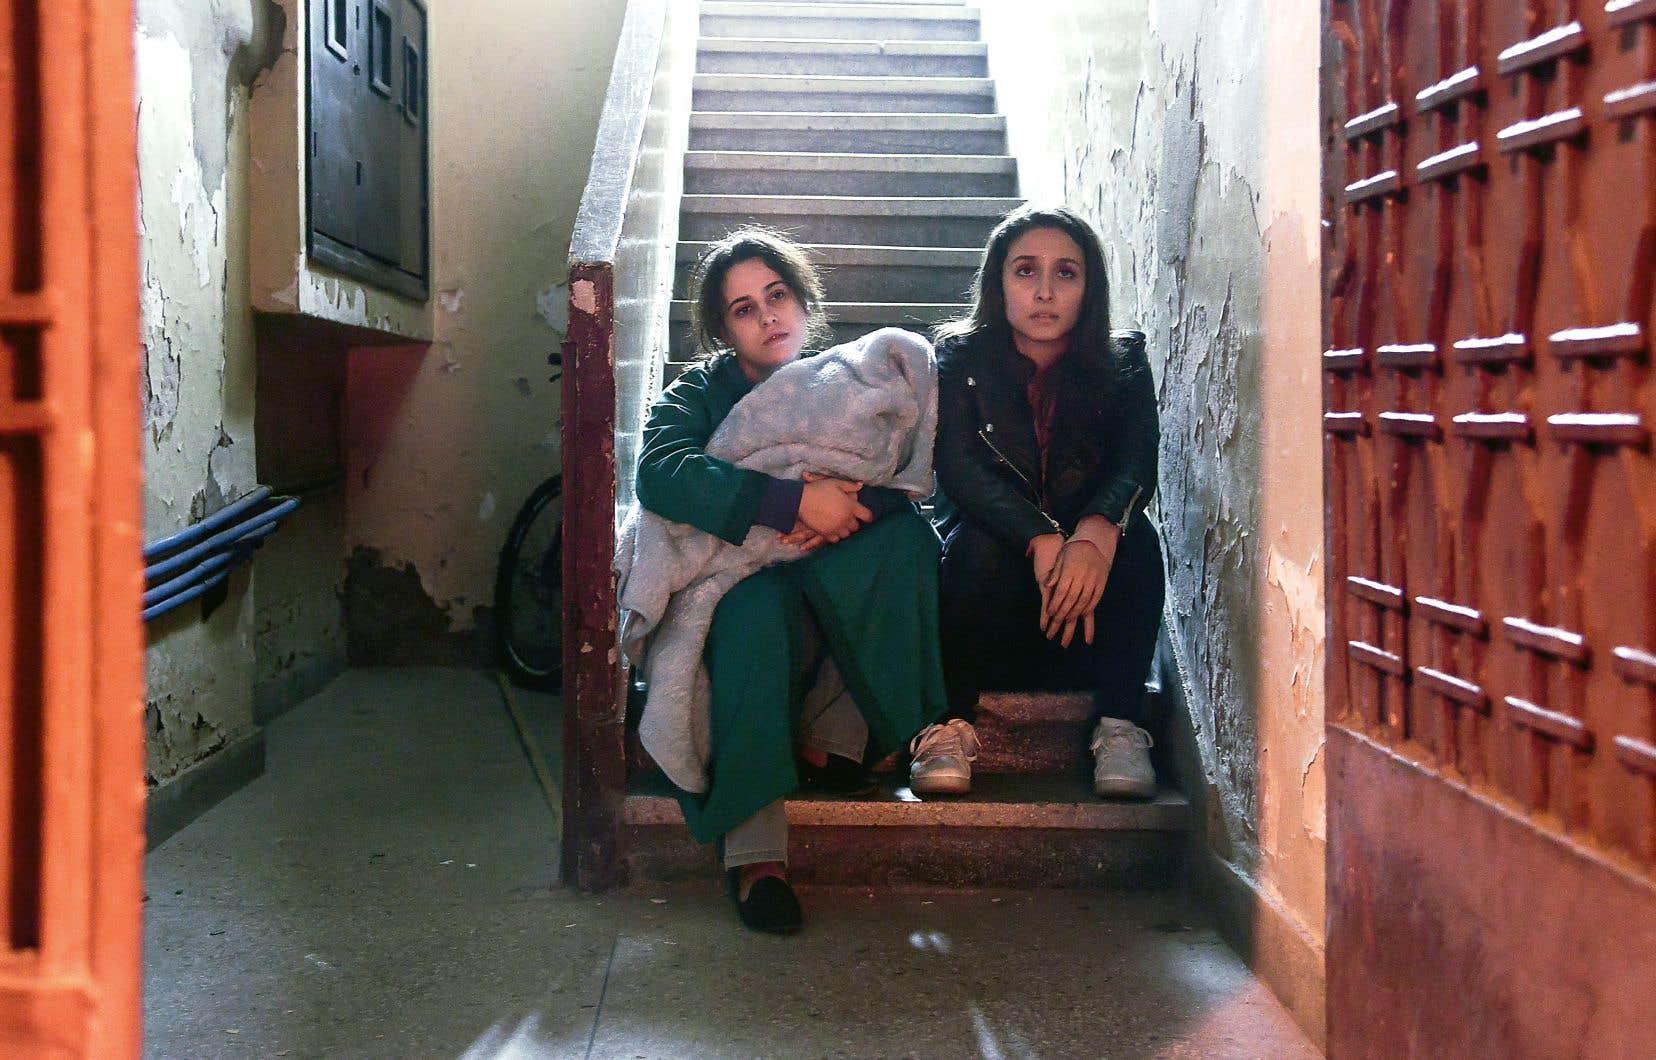 Une future maman sans père à ses côtés n'a pas droit aux égards du milieu hospitalier, un état qui pourrait même la conduire en prison.